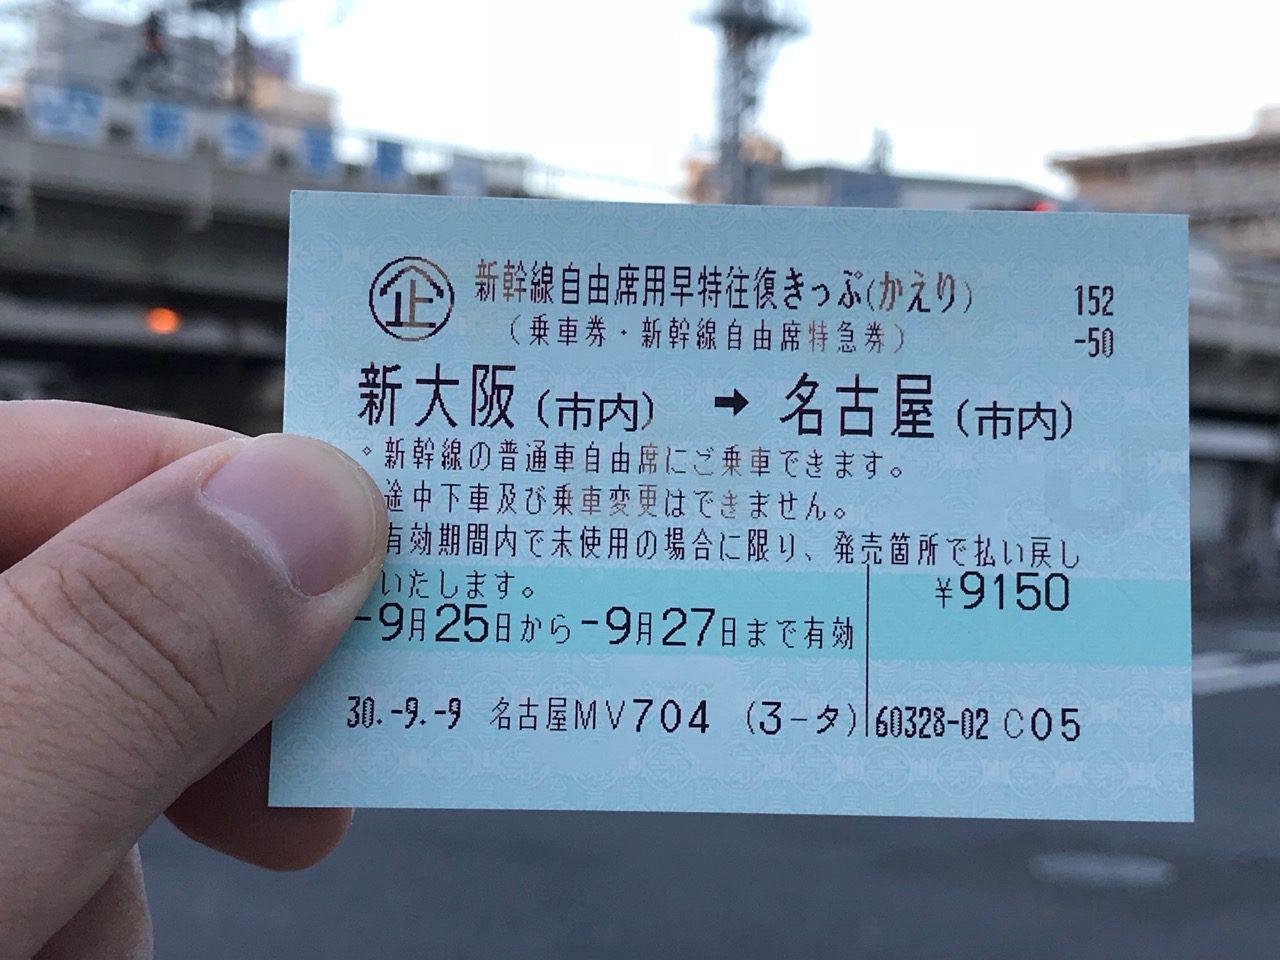 平日の朝、新幹線自由席用早特往復きっぷで大阪から名古屋へ